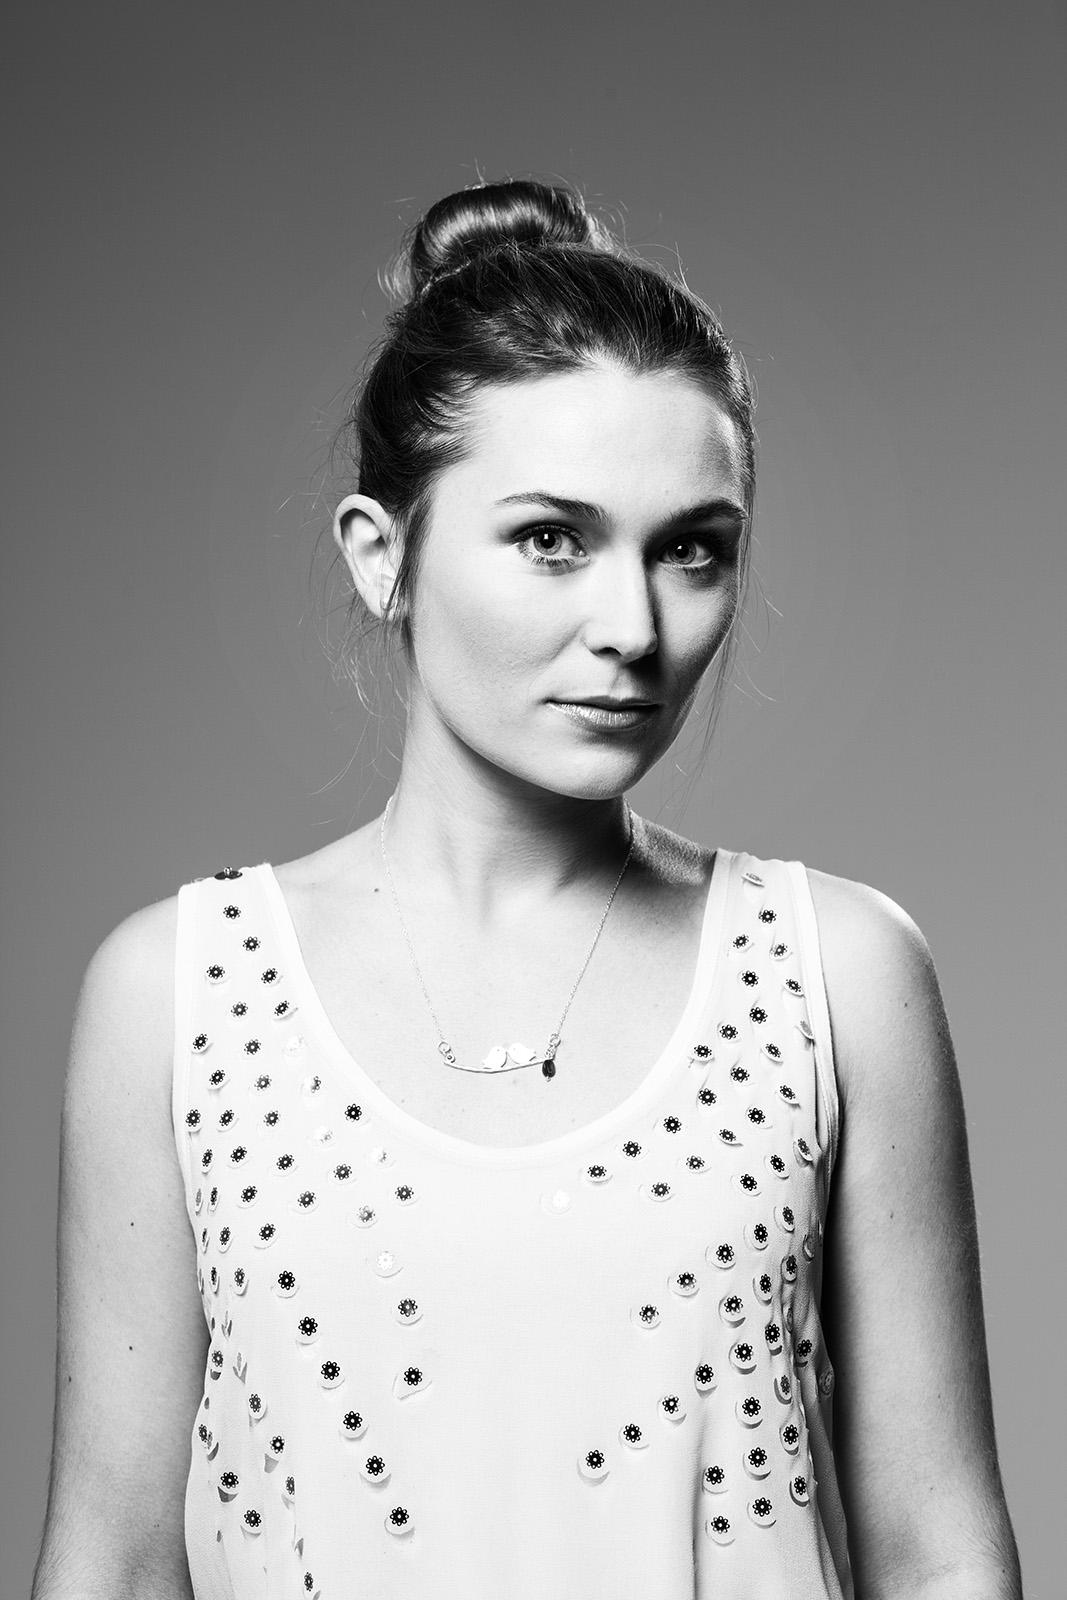 Claire - Claire